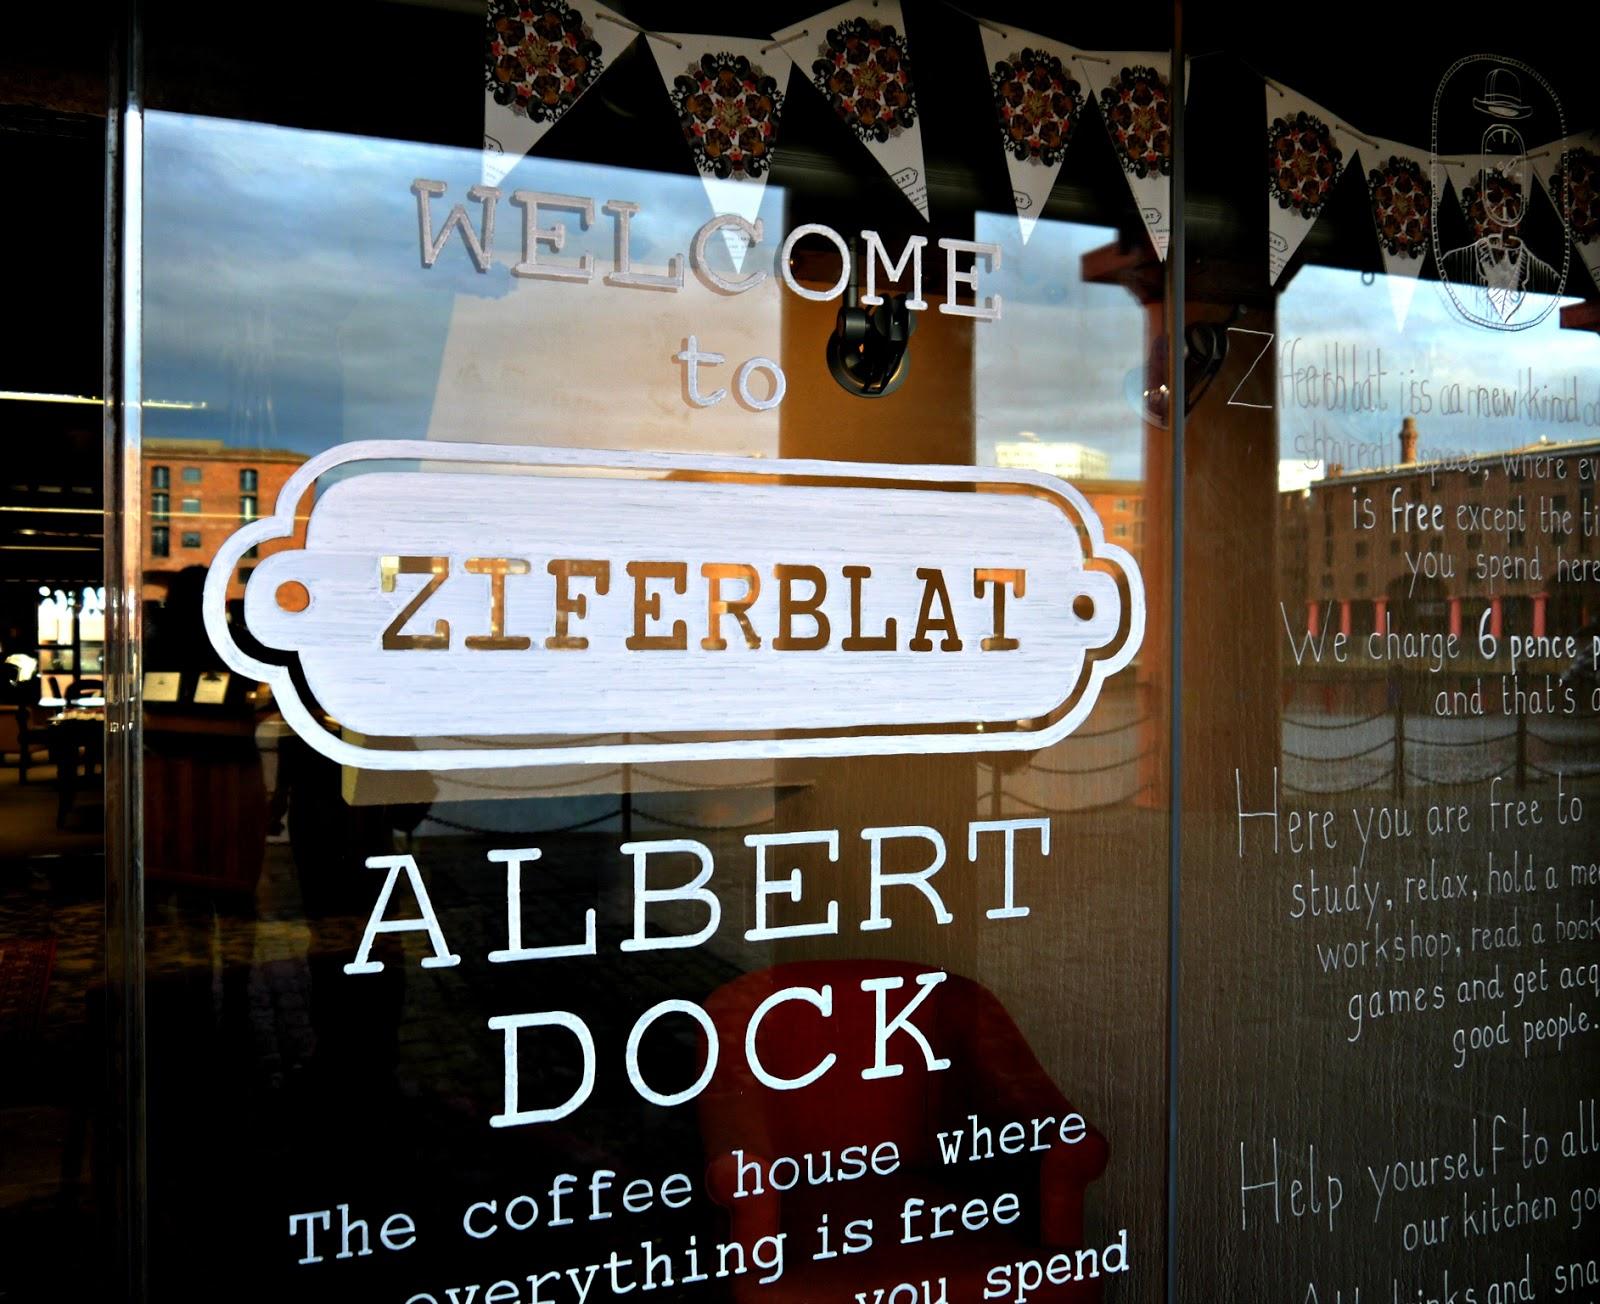 A look inside Ziferblat on Liverpool's Albert Dock